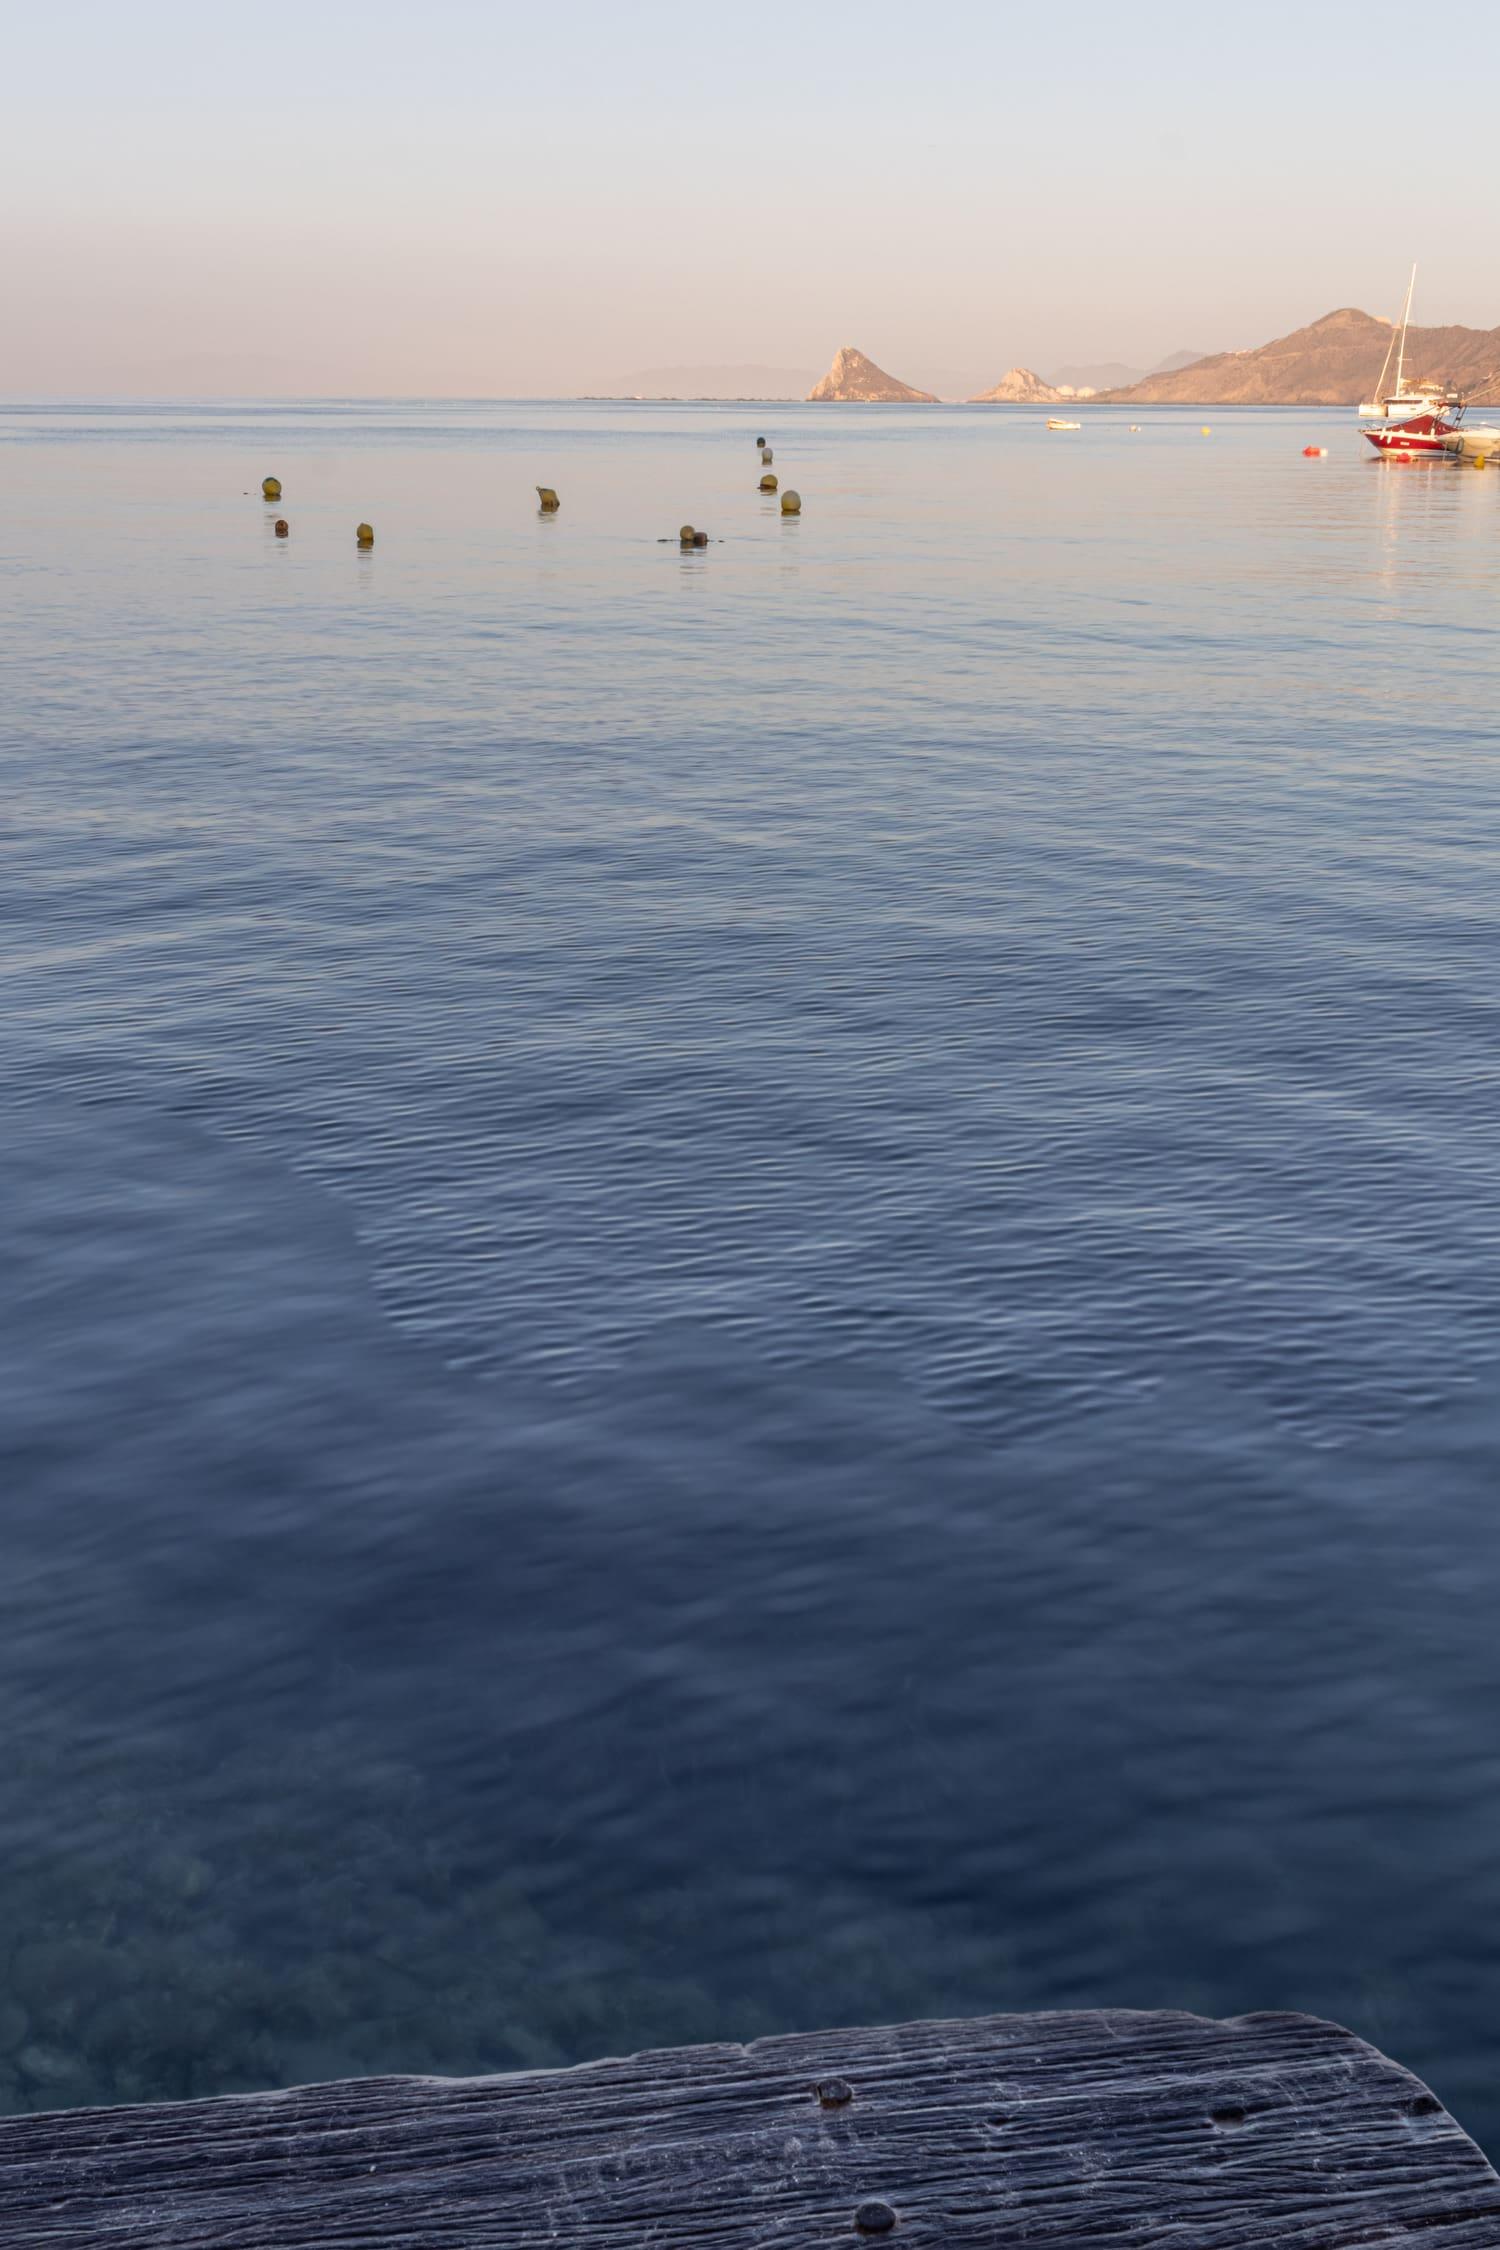 paisaje de mar resultado de bracketing